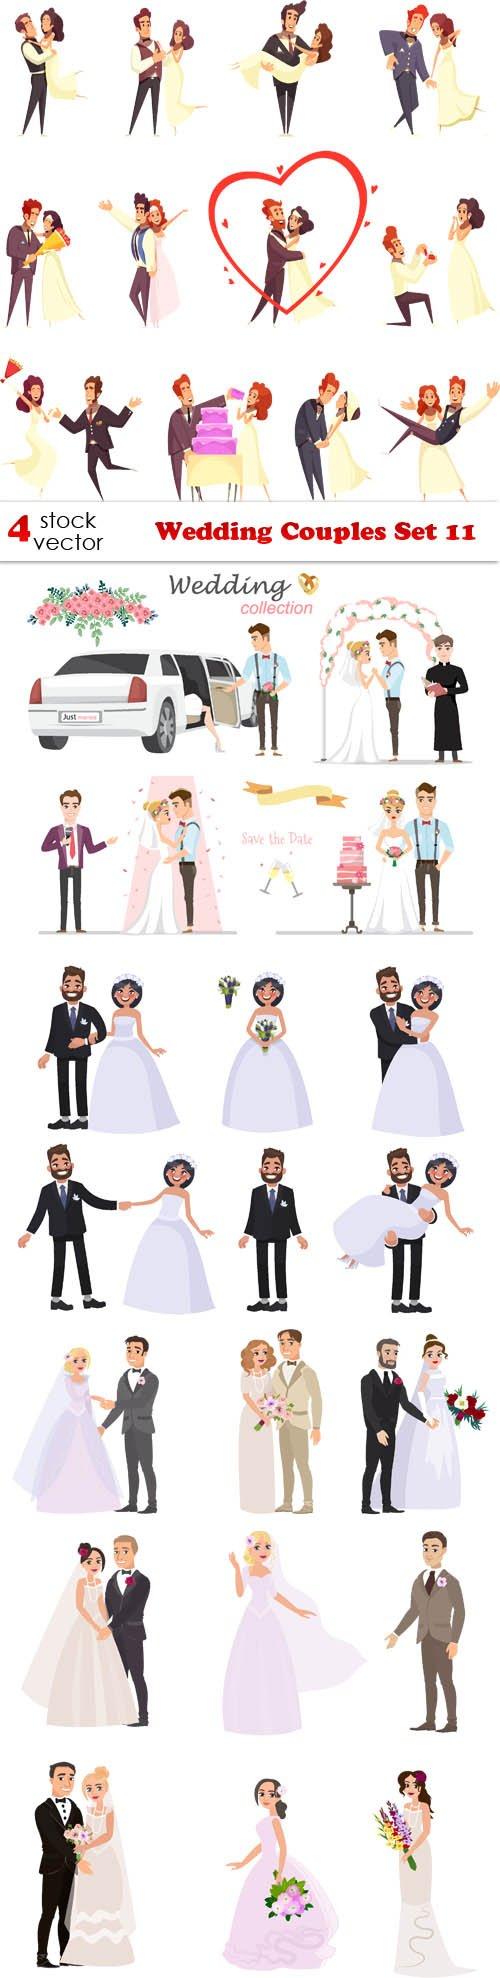 Vectors - Wedding Couples Set 11